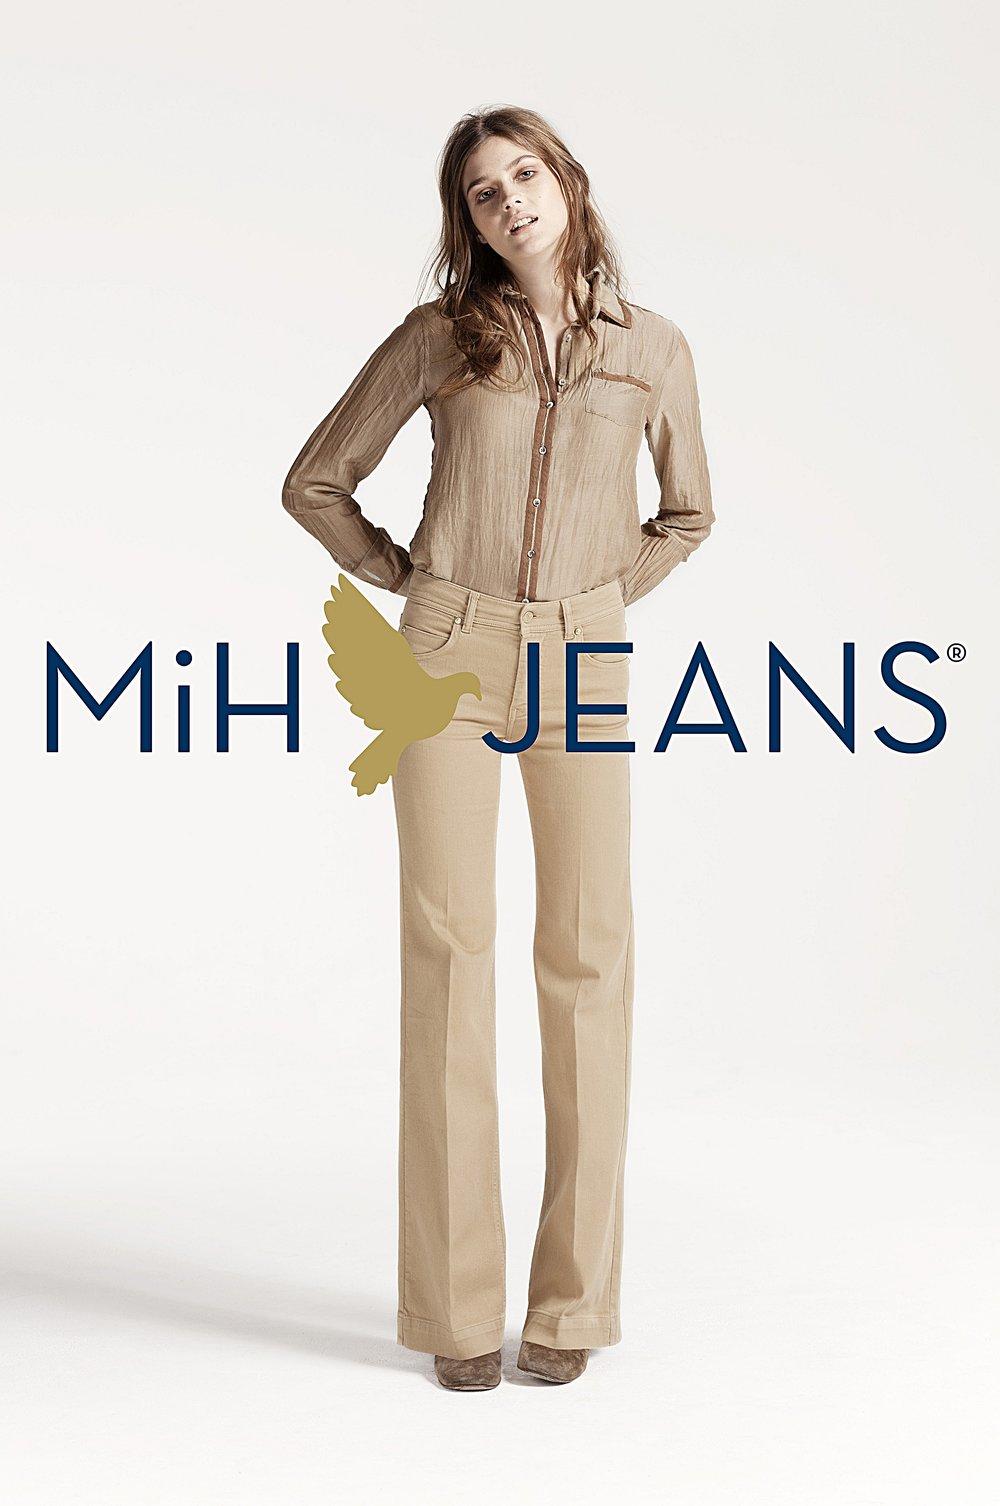 MILAN_Hi.jpg